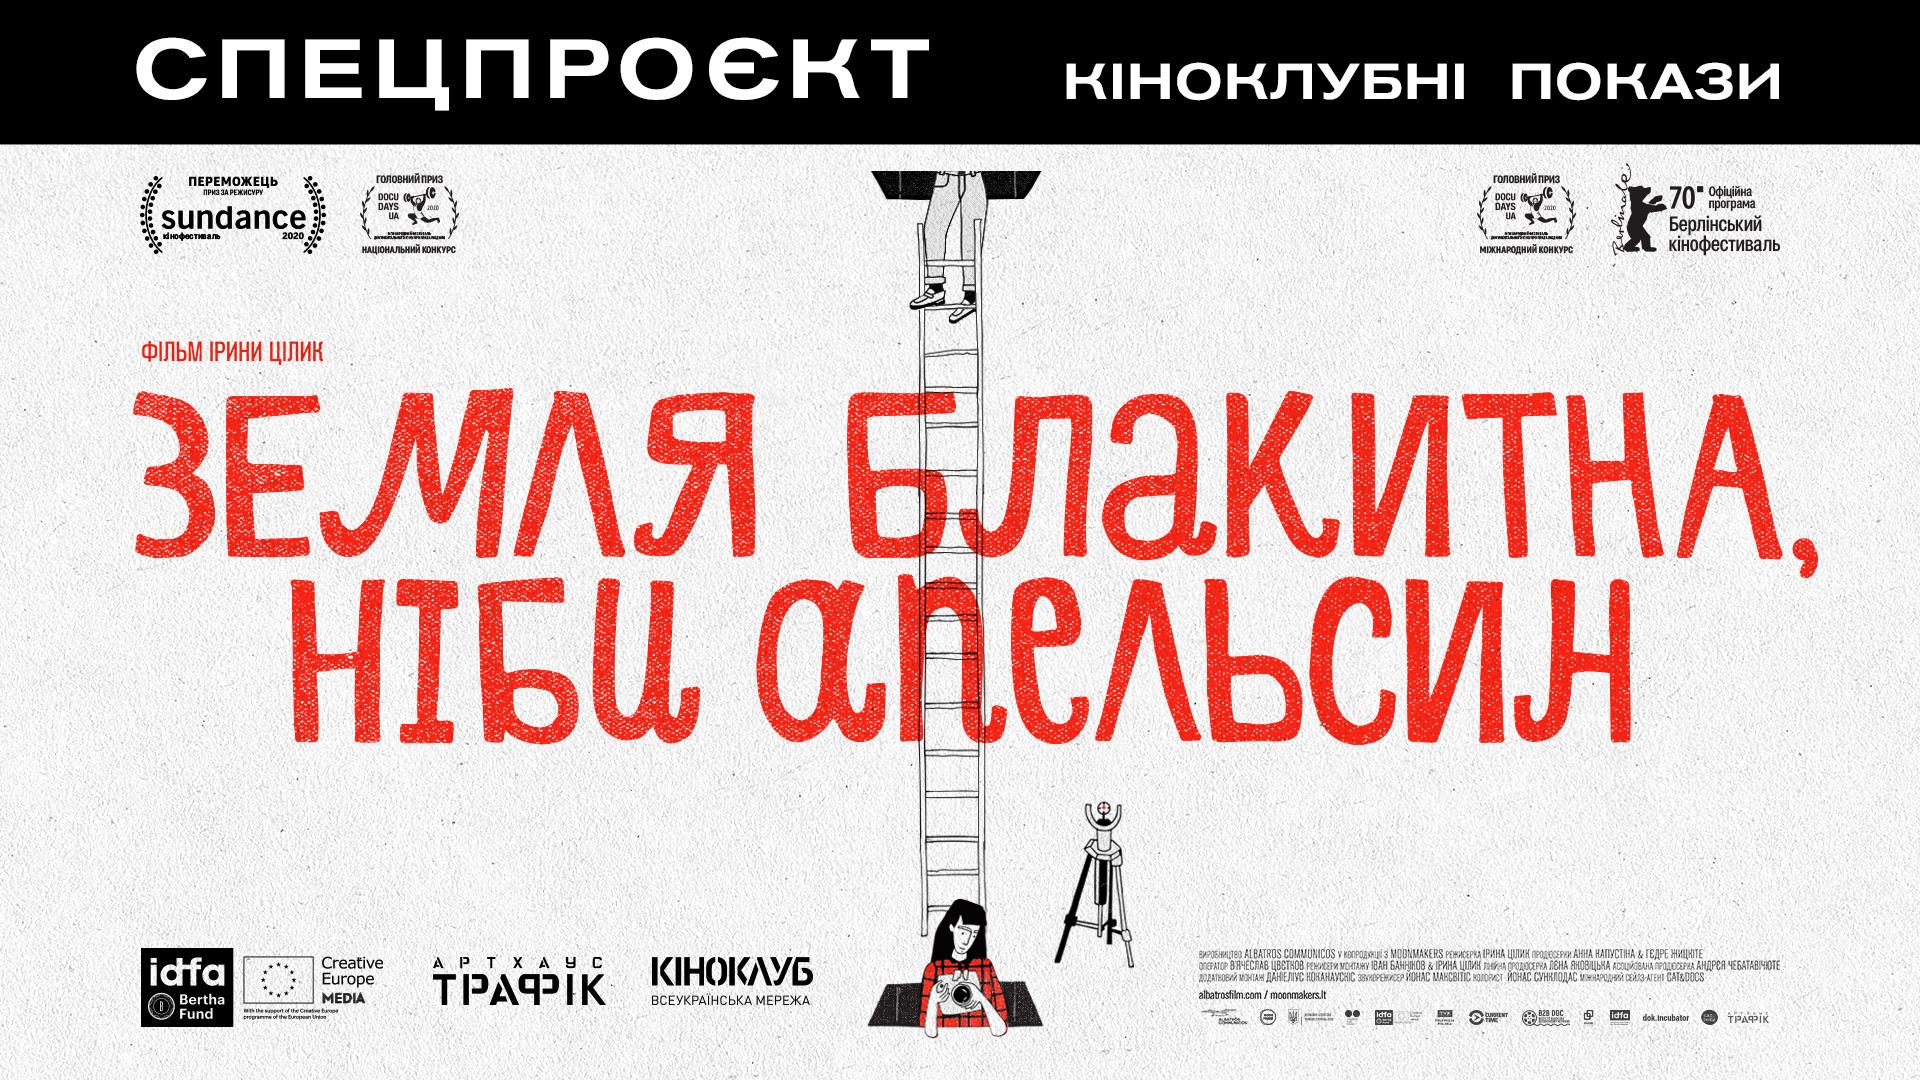 Документальну сенсацію «Земля блакитна, ніби апельсин» безкоштовно демонструють у кіноклубах по всій Україні